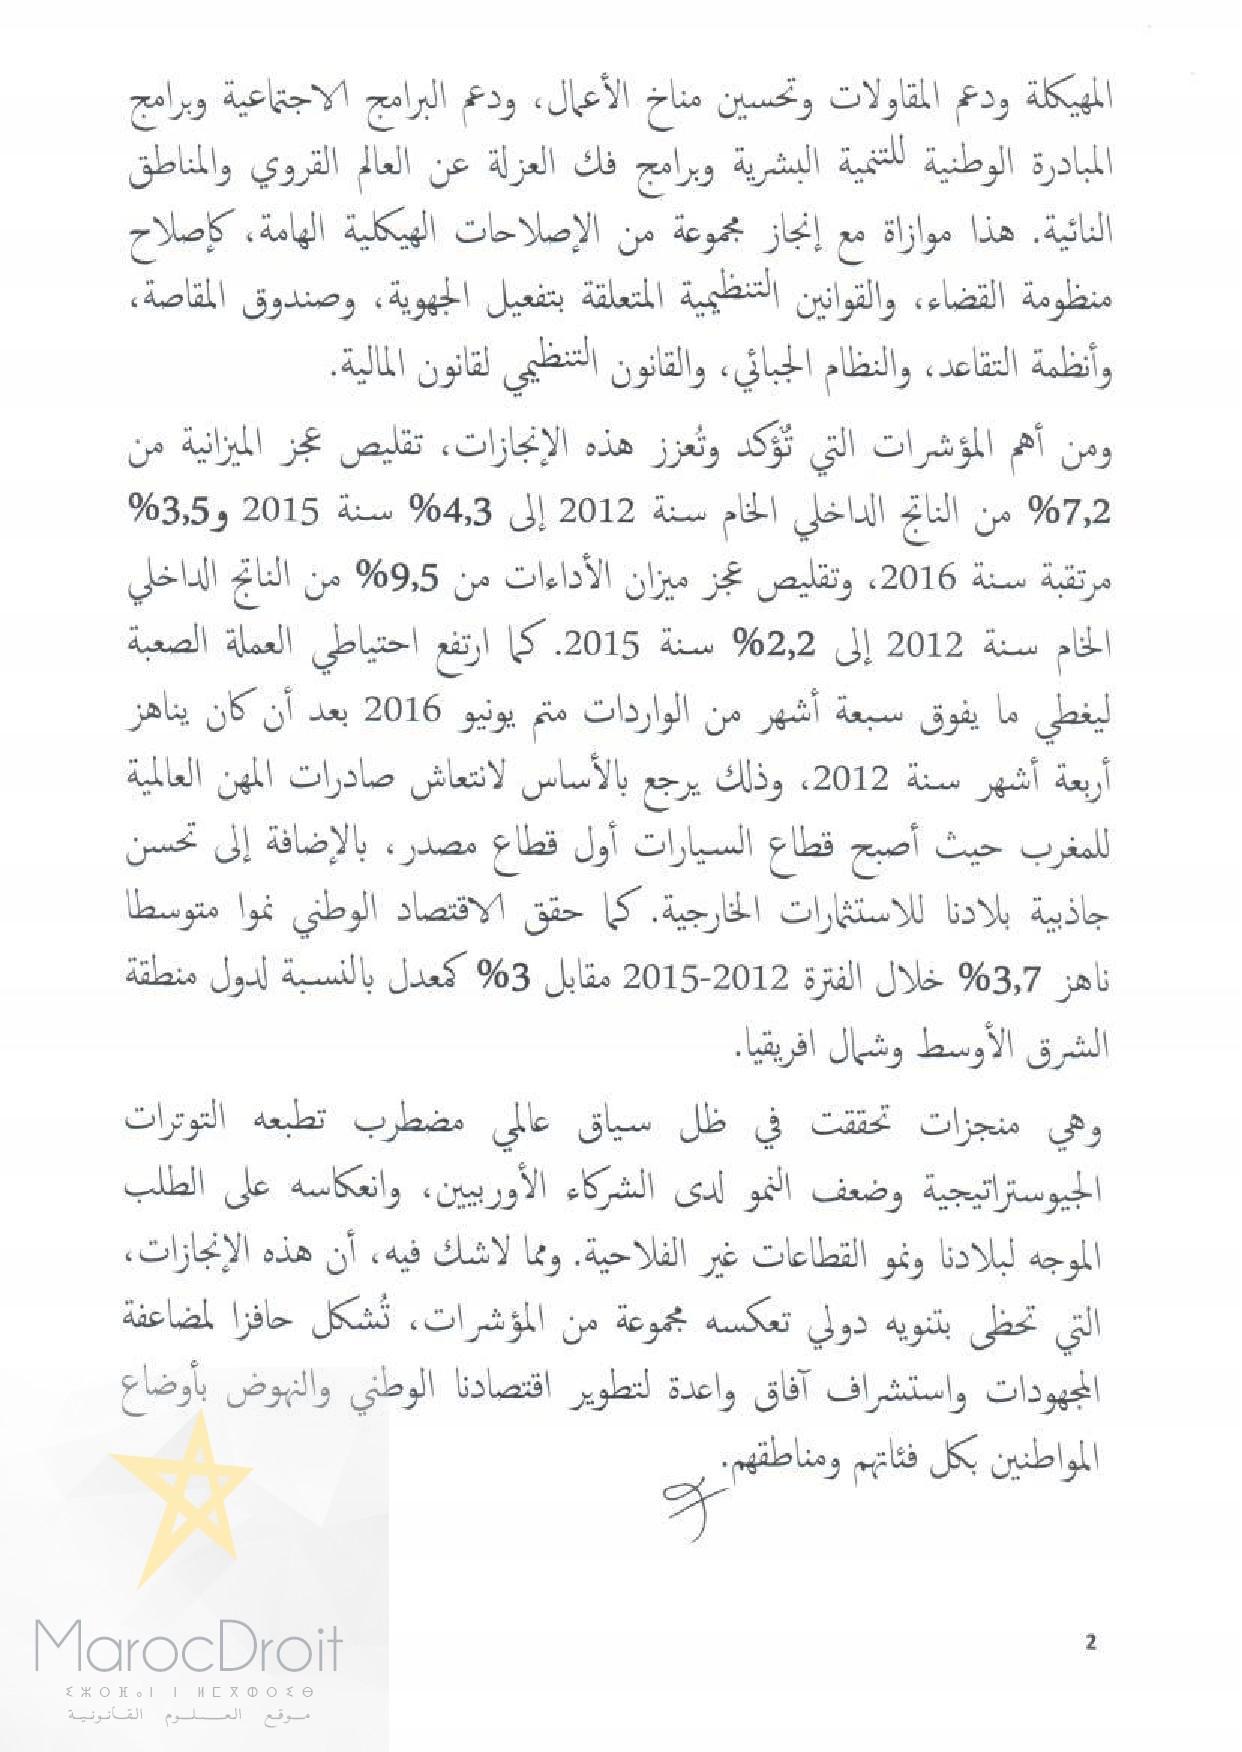 منشور رئيس الحكومة بخصوص إعداد مشروع قانون المالية لسنة 2017